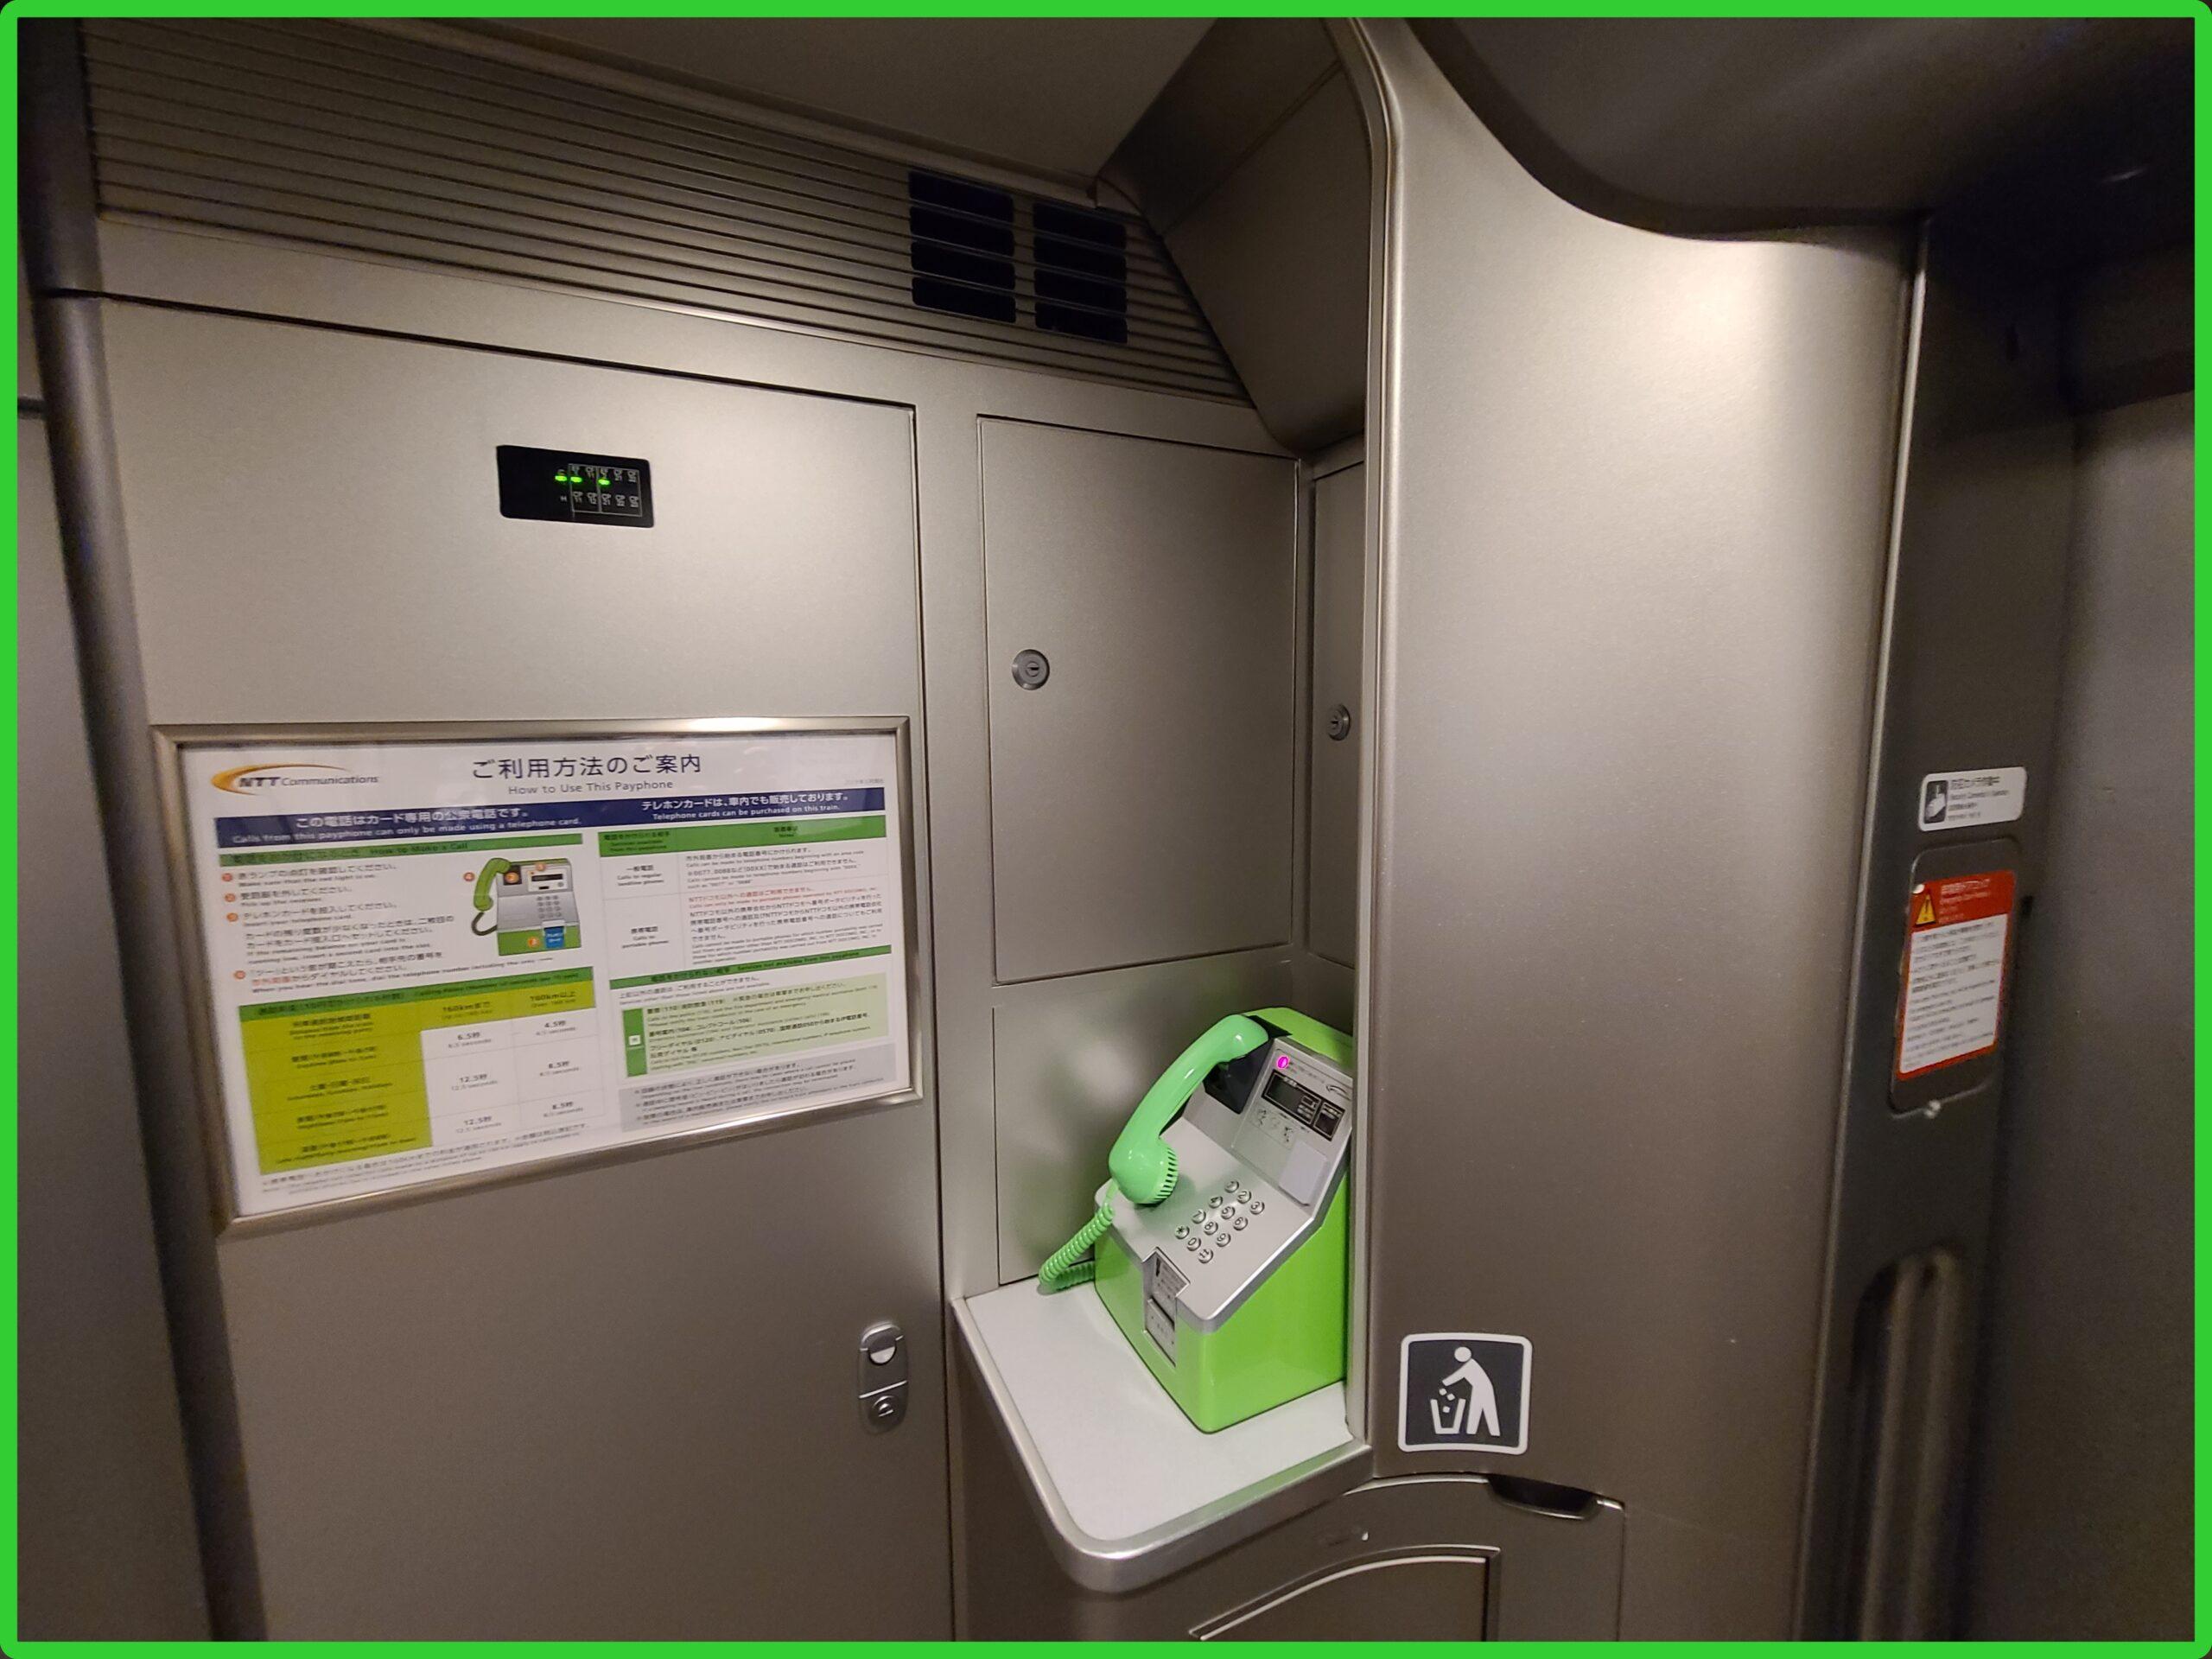 新幹線の公衆電話サービスを6月末で終了 JR各社、NTT発表